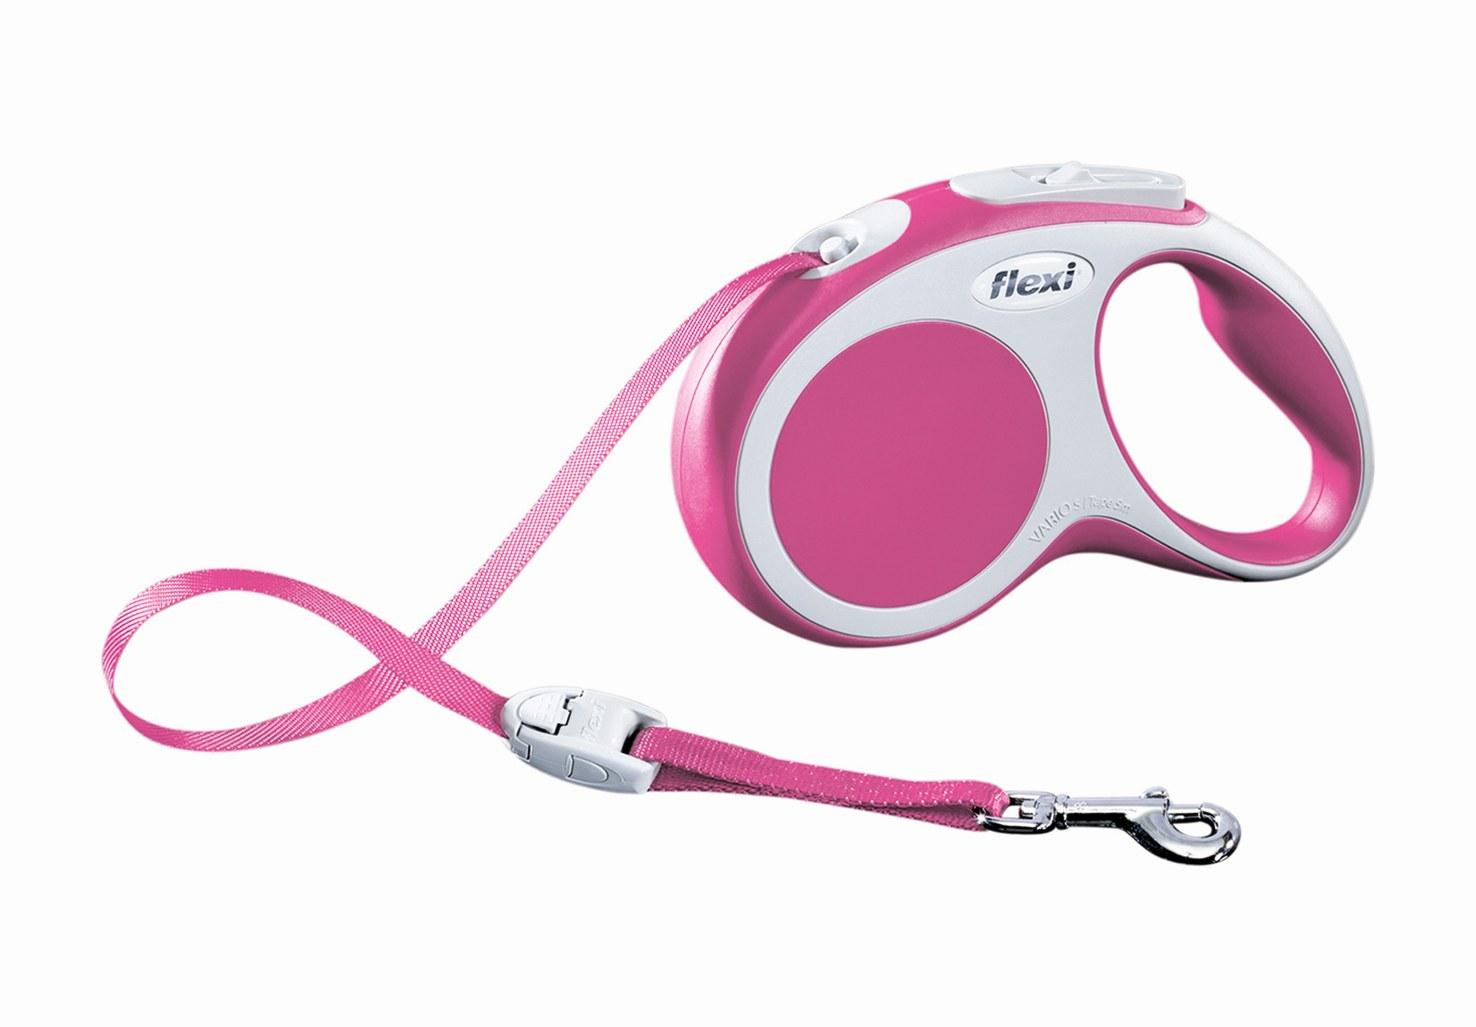 """Поводок-рулетка Flexi """"Vario Compact S"""" для собак до 15 кг, цвет: розовый, 5 м"""